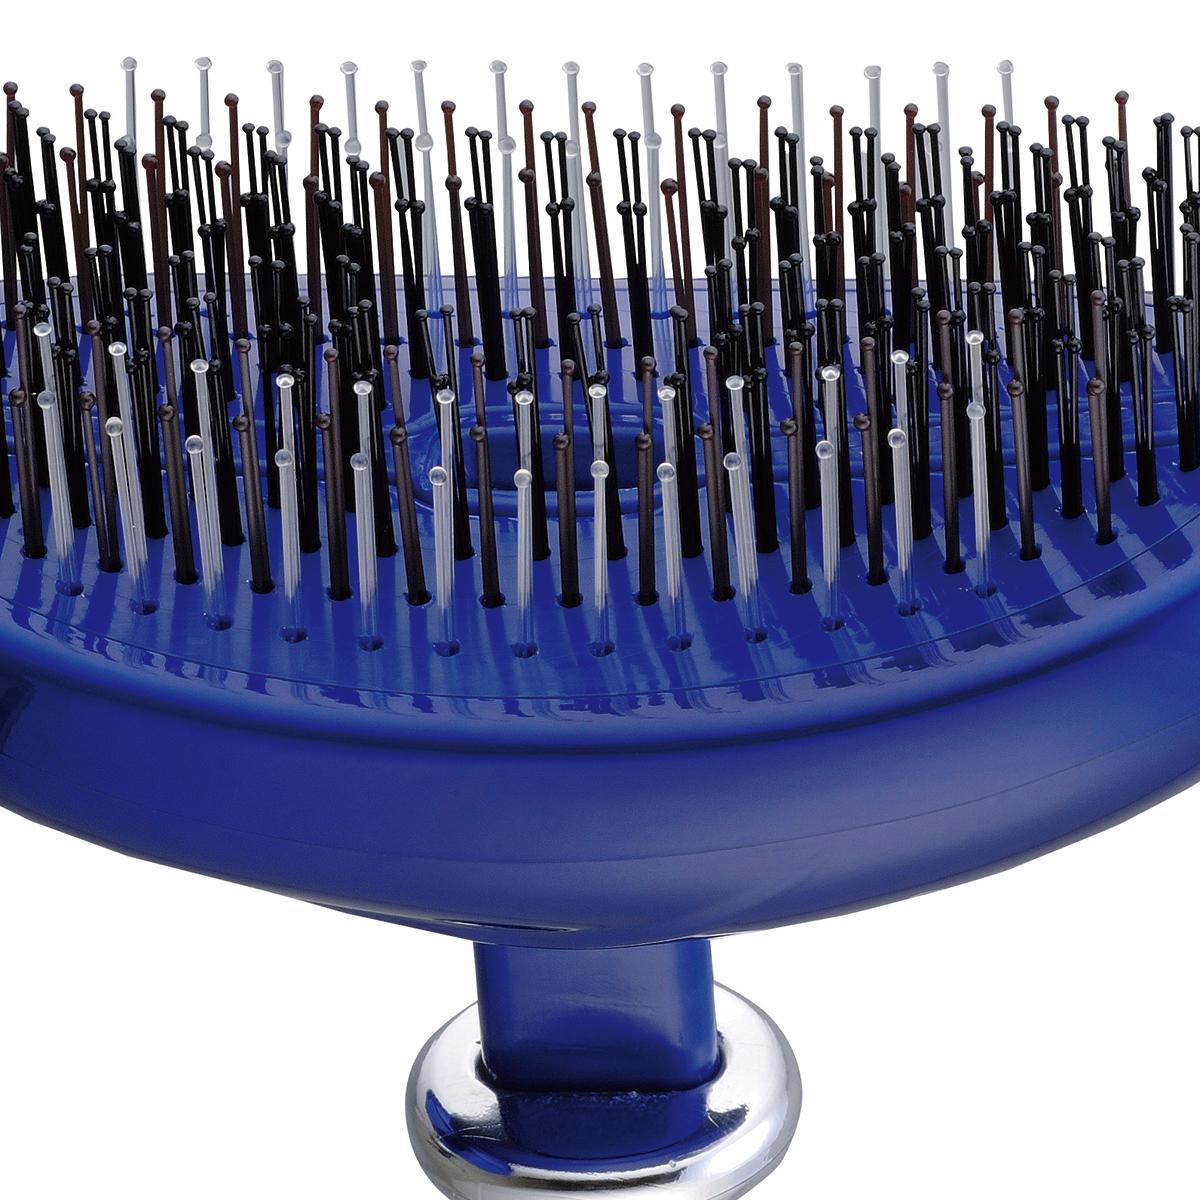 頭皮や髪を傷めにくいつくり。安心してマッサージできる『SCALP BRUSH(スカルプブラシ)』|半身浴はグッズ次第で、もっと楽しくもっと気持ちよくなる。入浴剤やキャンドル、マイボトルにタオルなど5選